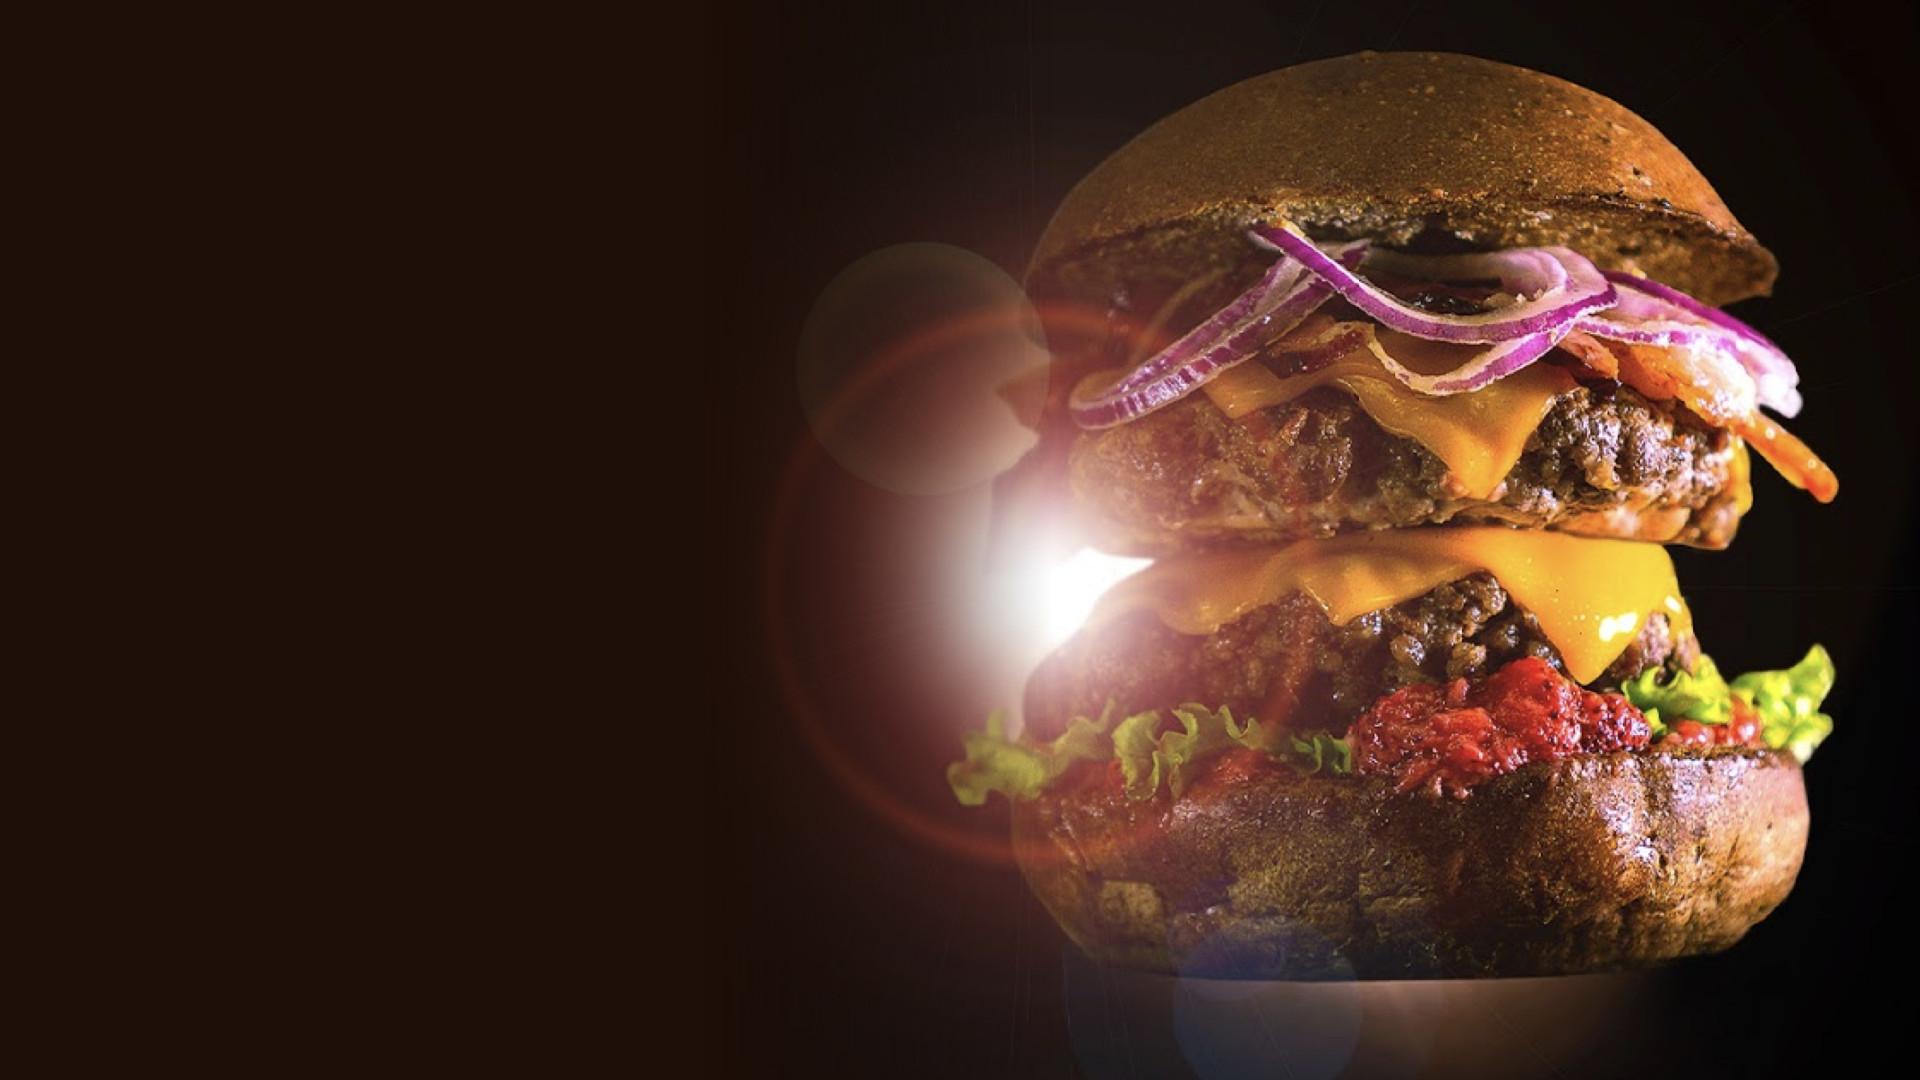 1920x1080_burger.jpg